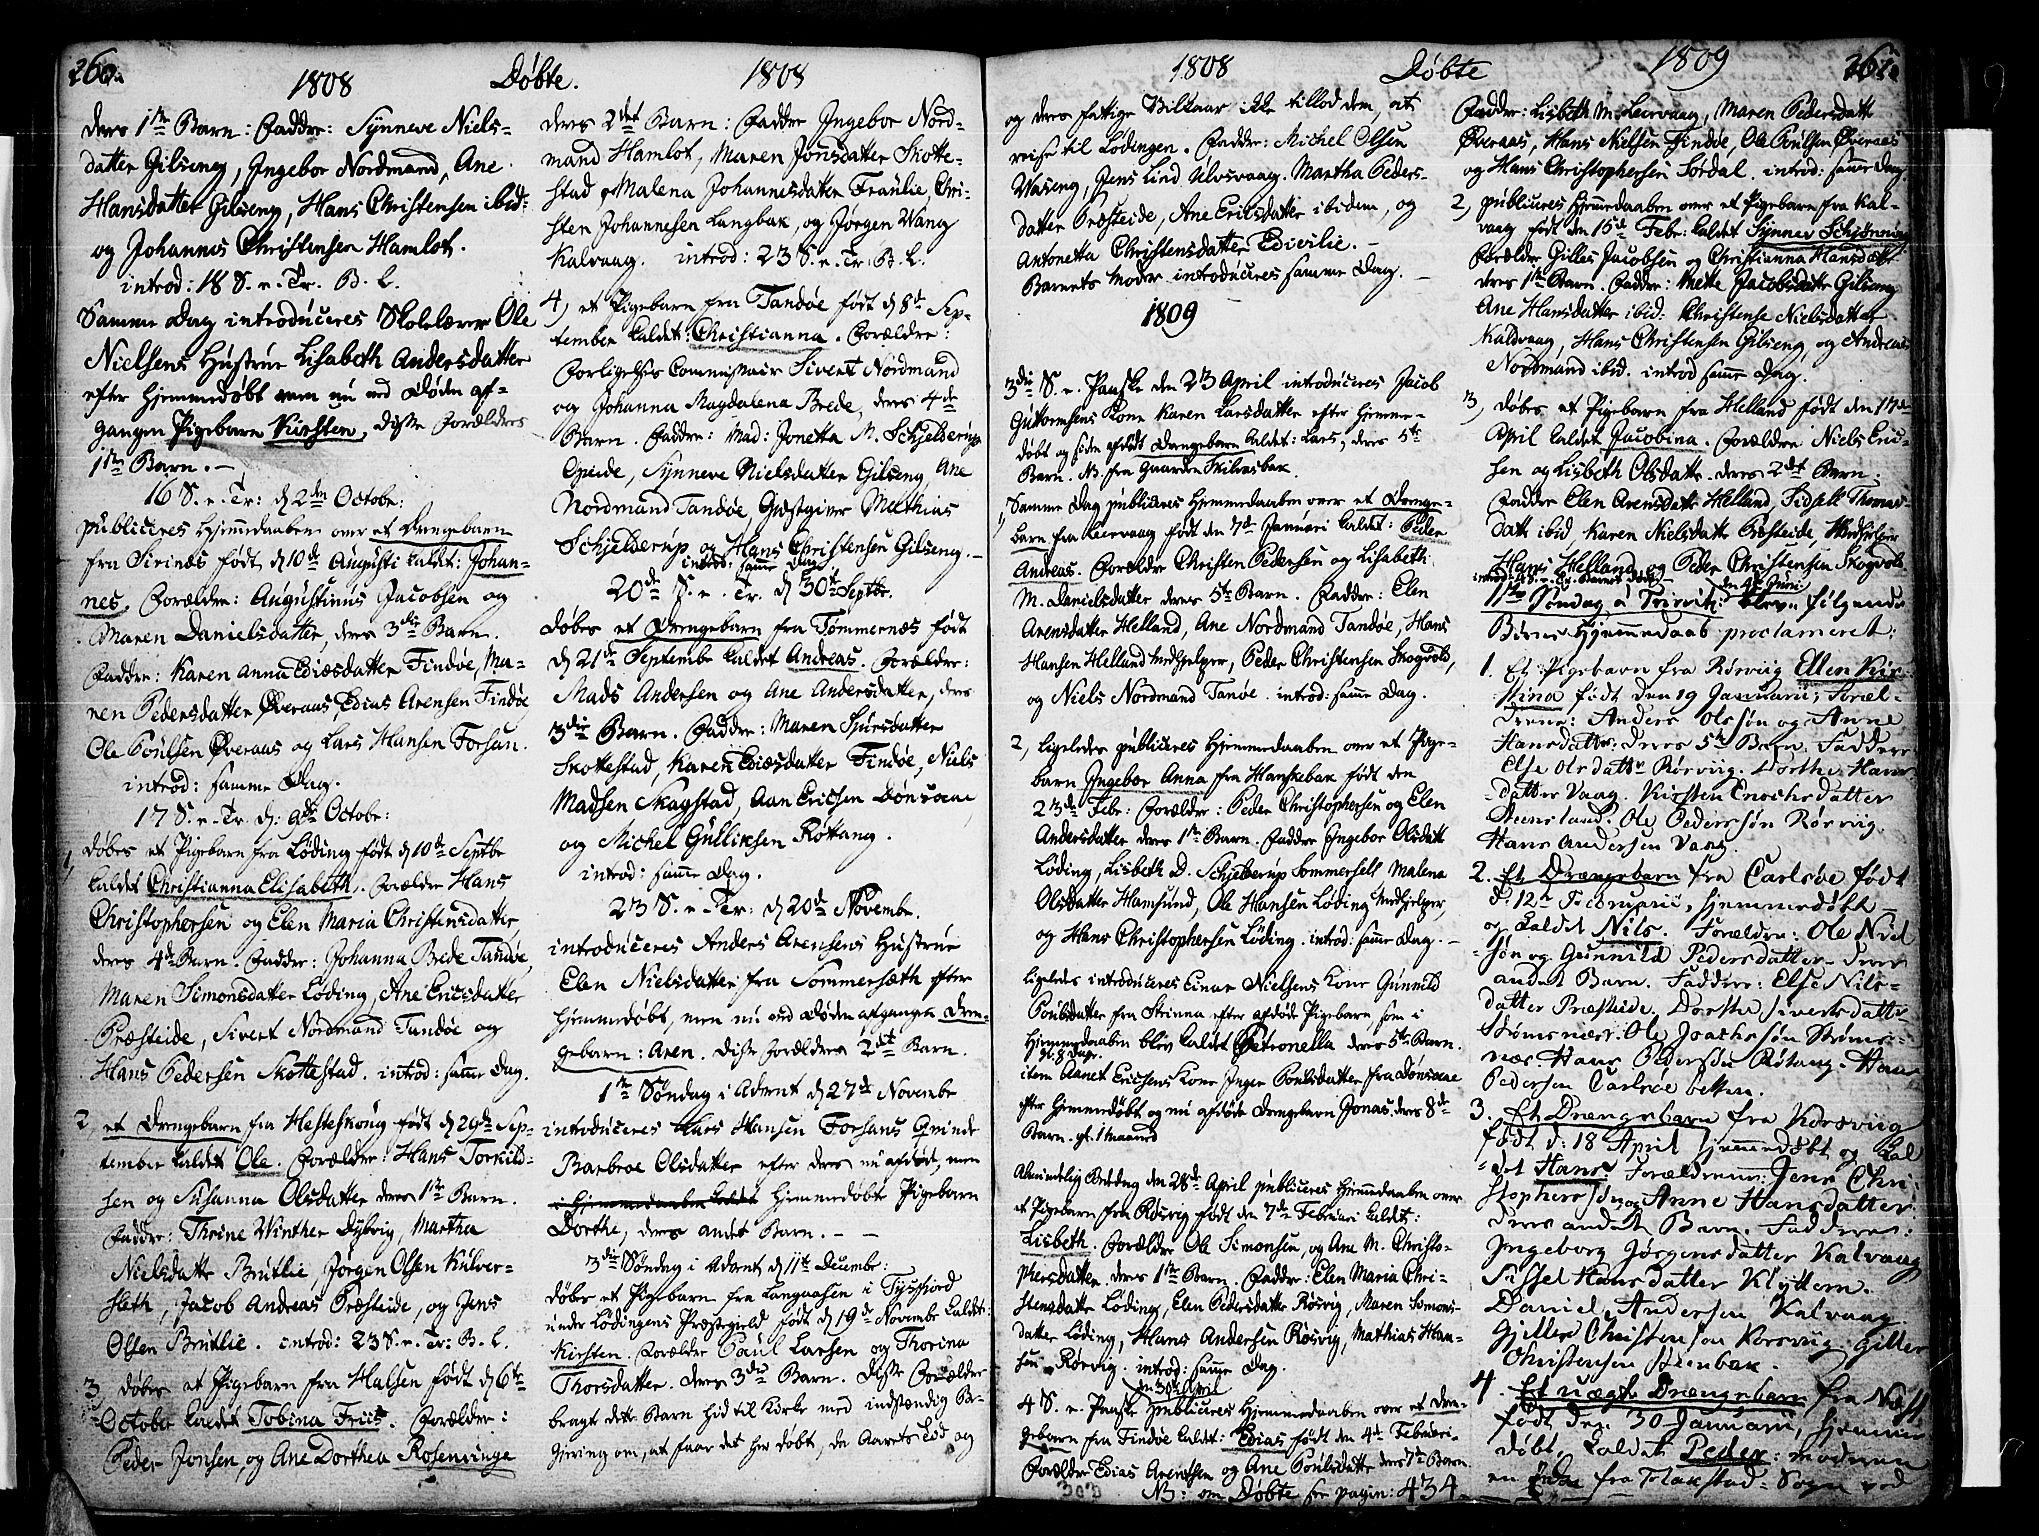 SAT, Ministerialprotokoller, klokkerbøker og fødselsregistre - Nordland, 859/L0841: Parish register (official) no. 859A01, 1766-1821, p. 260-261